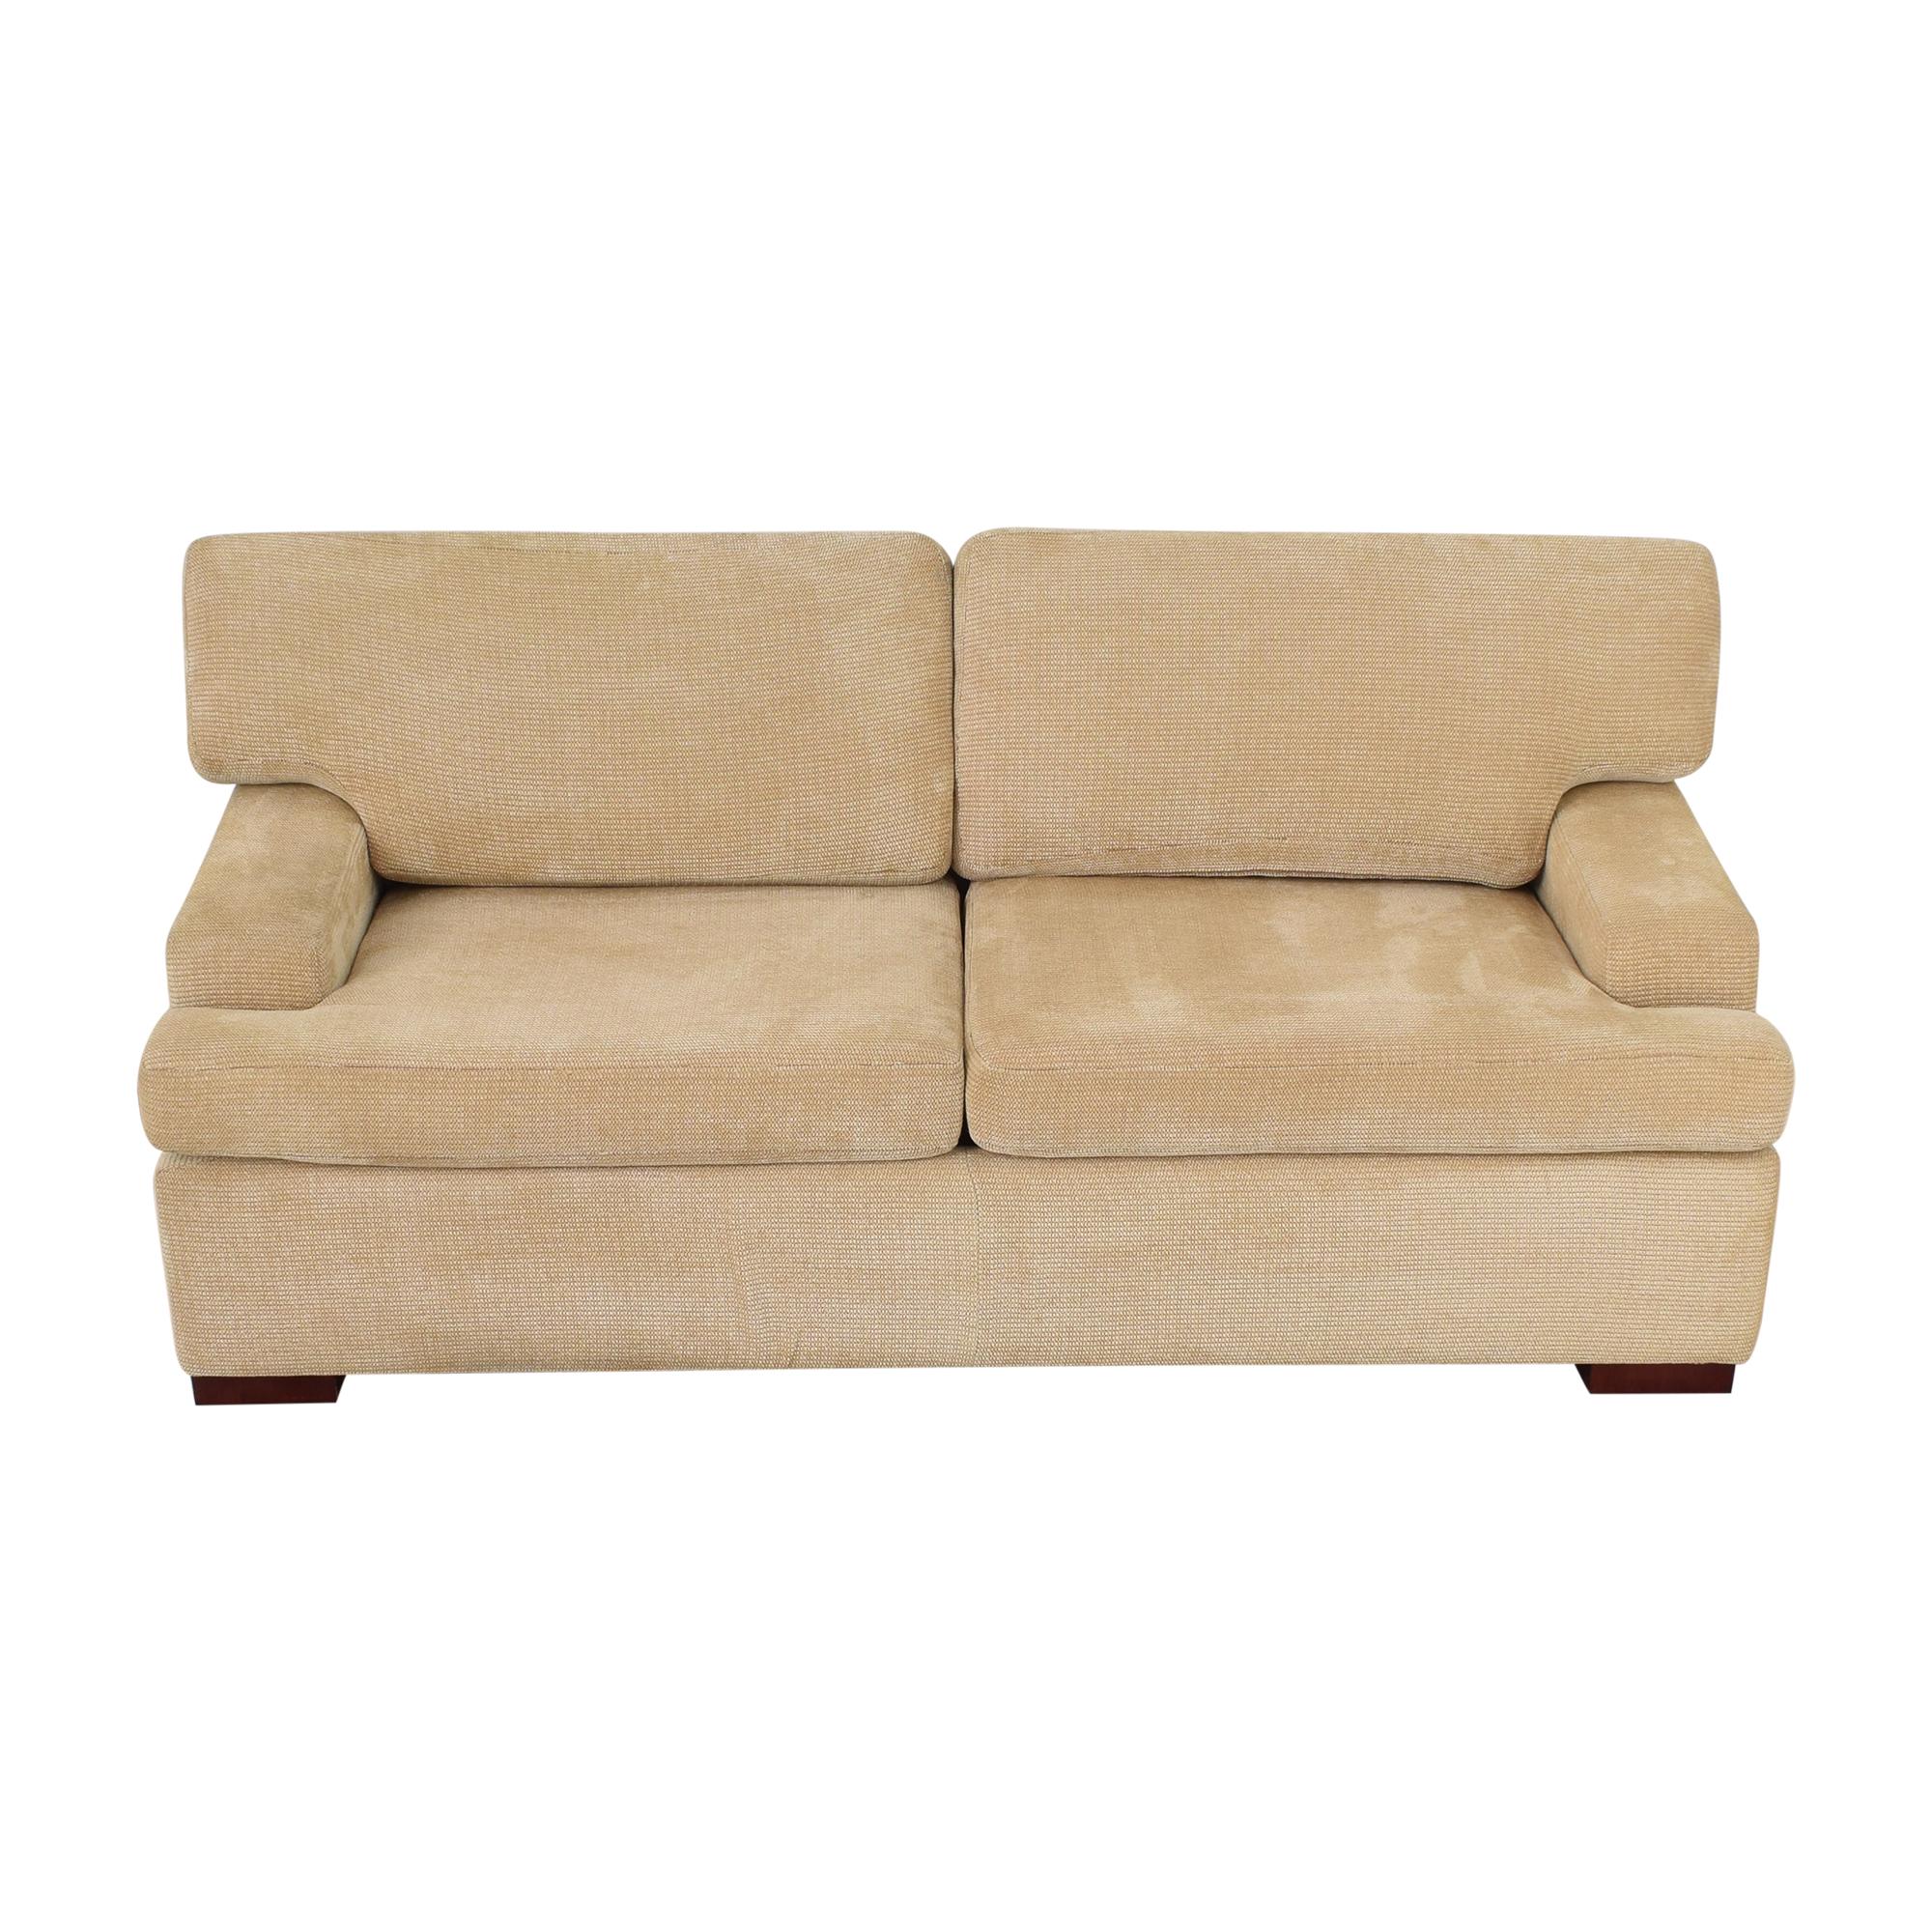 Avery Boardman Avery Boardman Sleeper Sofa price